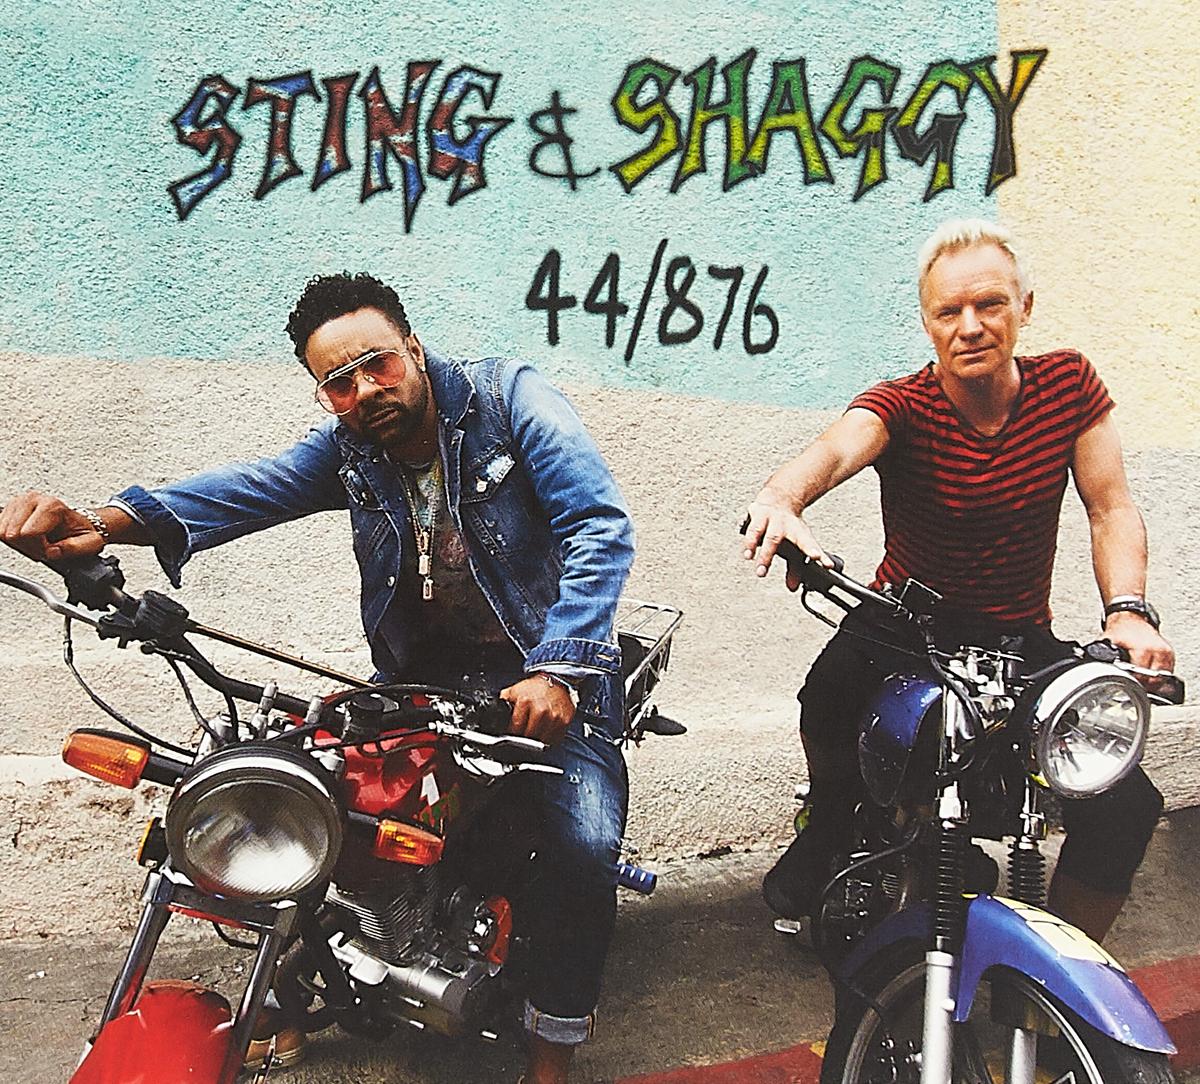 Стинг Sting & Shaggy. 44/876 стинг sting bring on the night 2 cd dvd